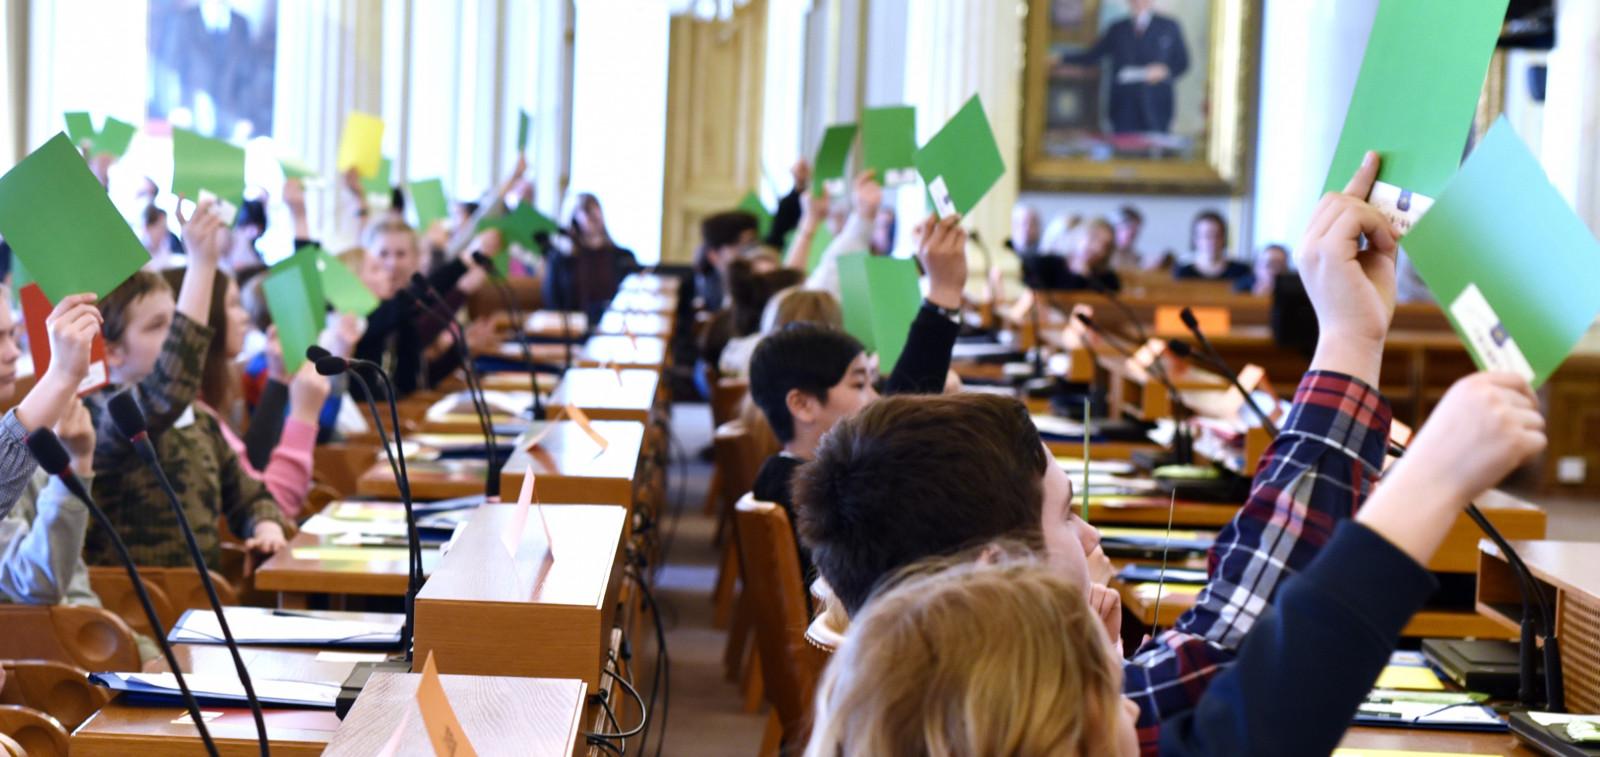 Lapset äänestämässä vihreiden lappujen avulla.